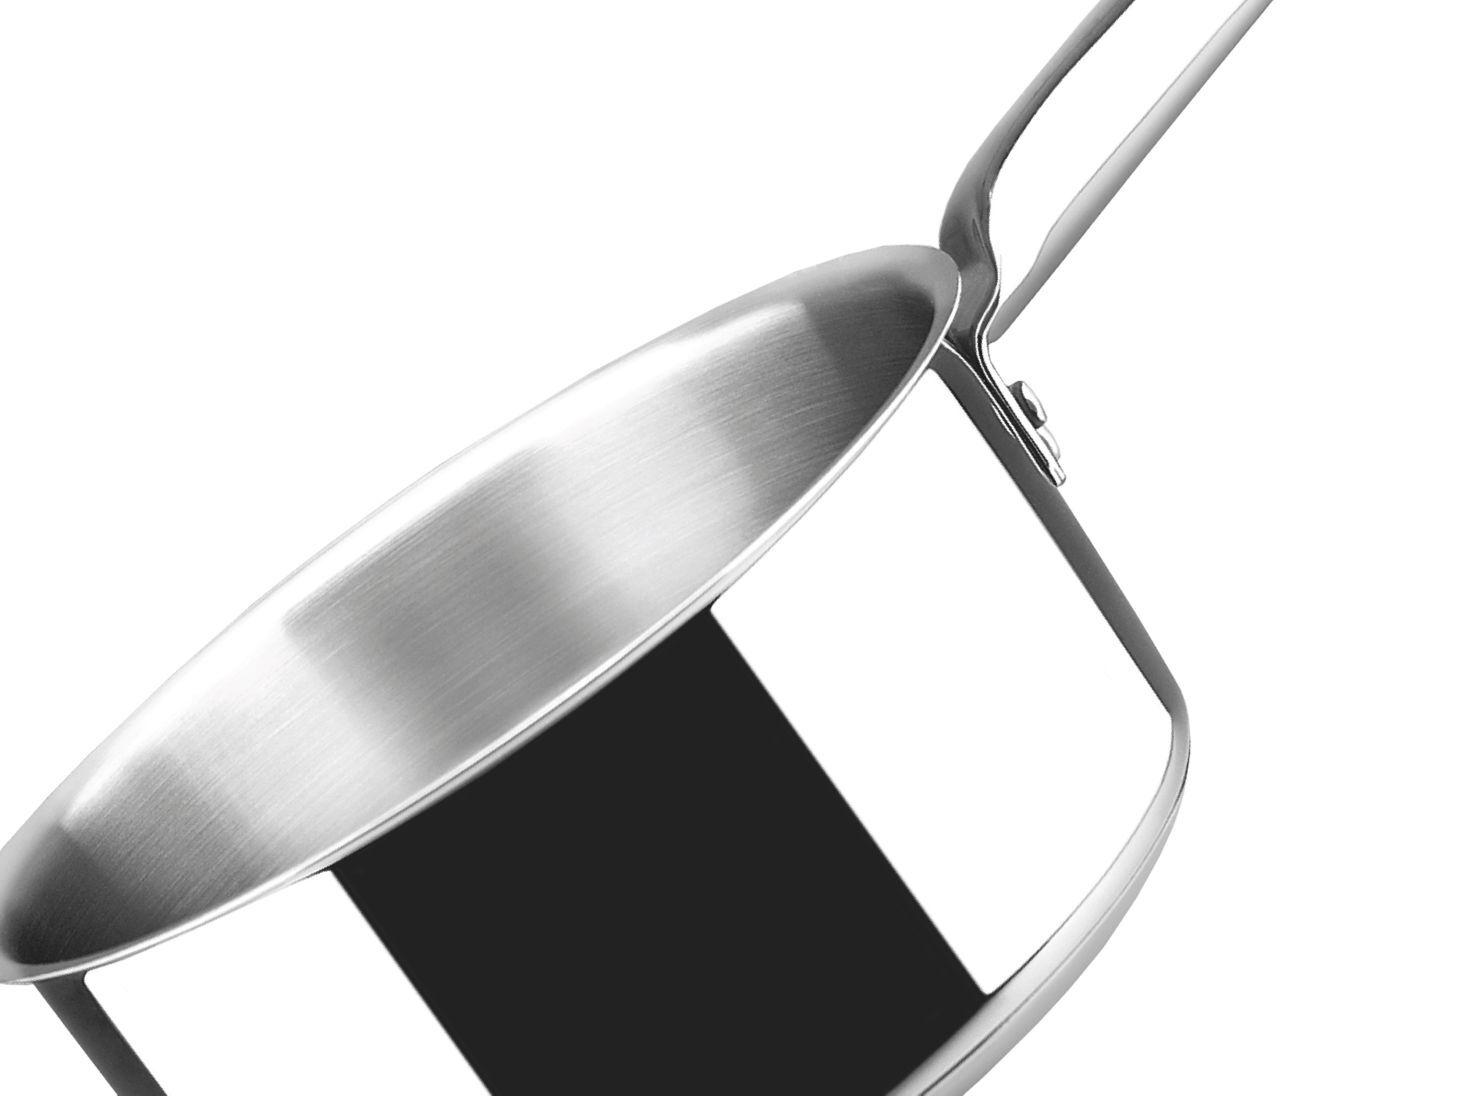 ✧WESSPER/® Manguera de la aspiradora AEG-Electrolux ZCX6201 FB CYCLONE XL /ø32mm, 230cm, plata